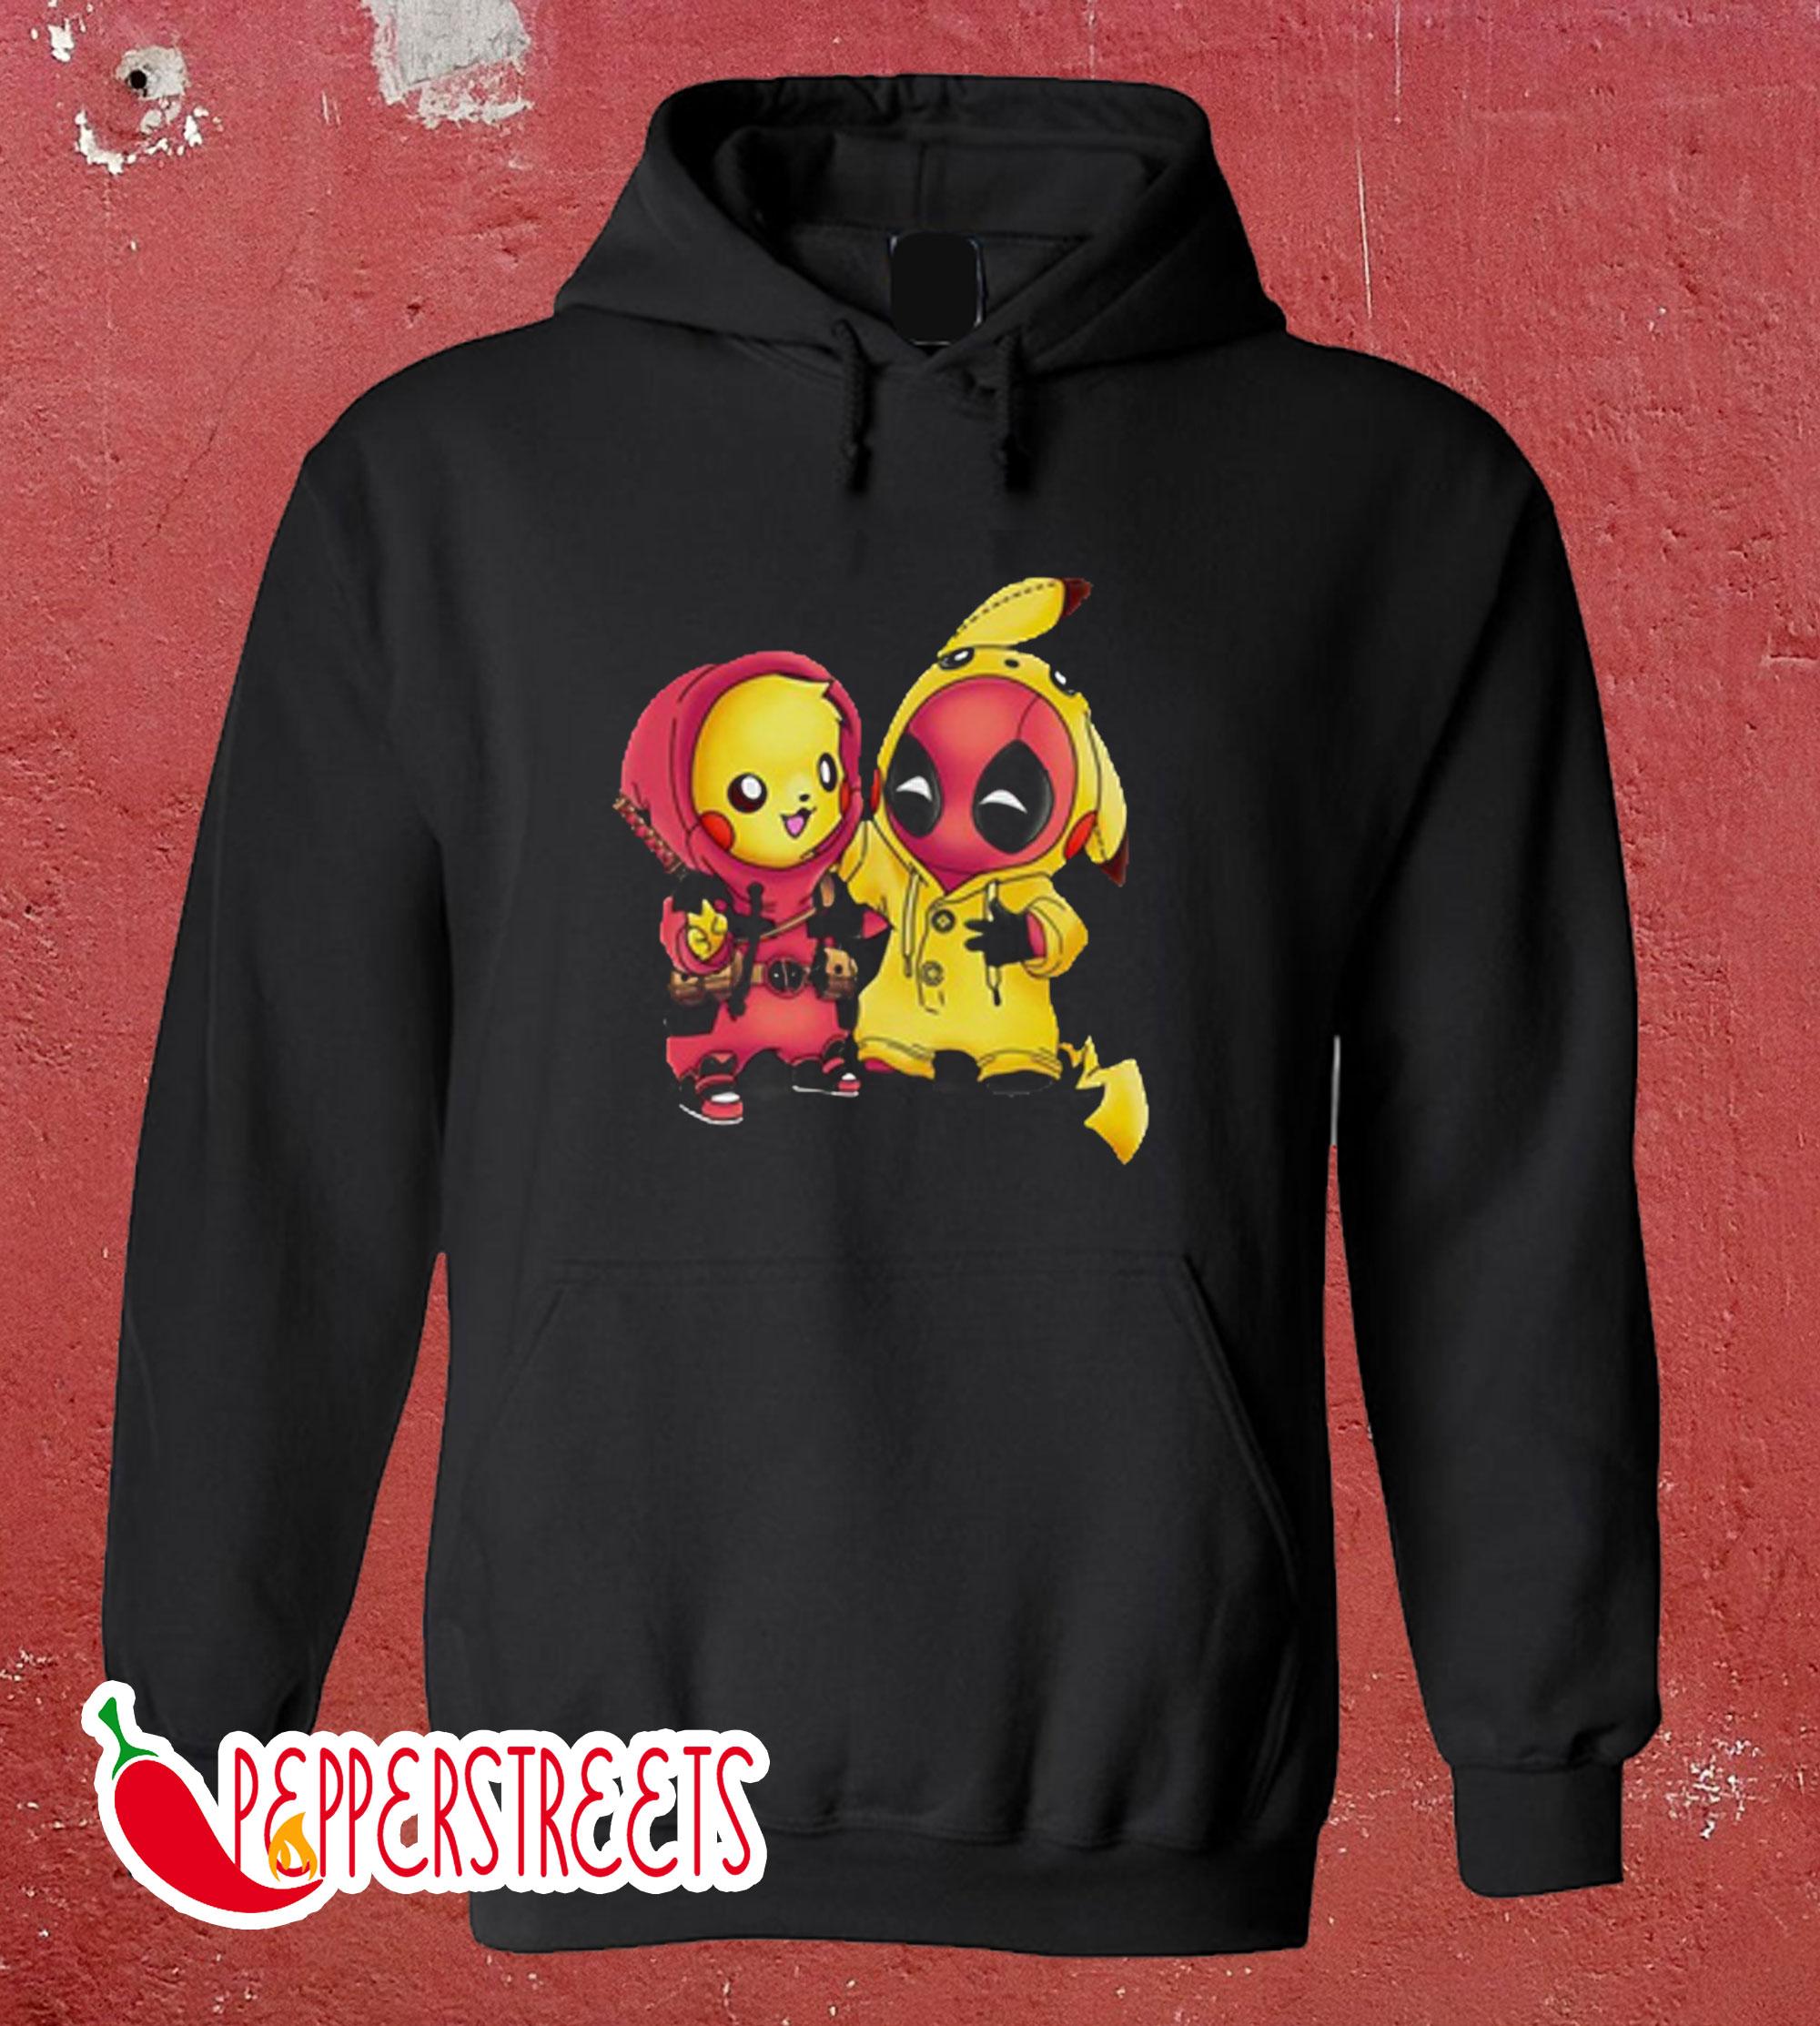 Pikapool Pikachu Deadpool Hoodie (2)